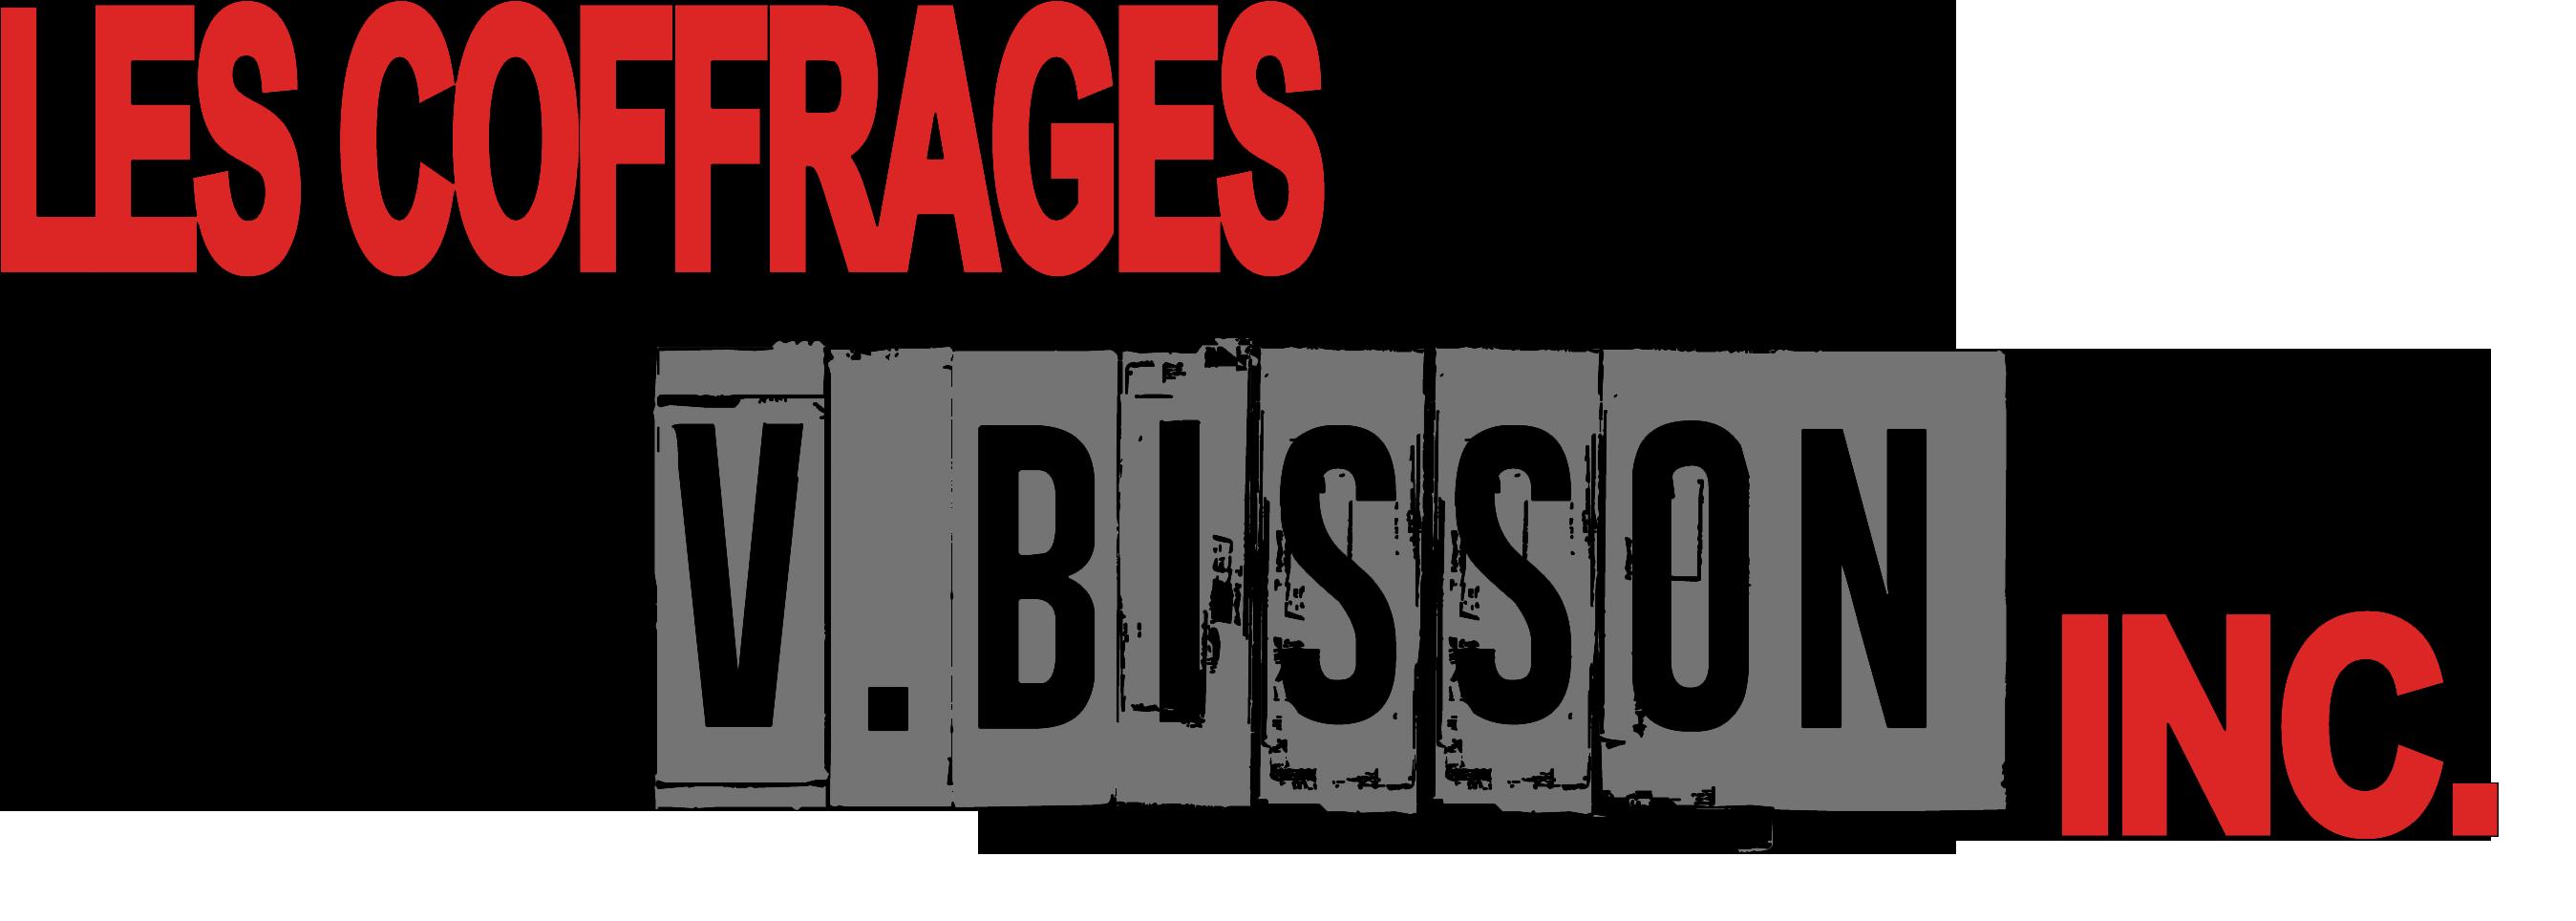 Les Coffrages V. Bisson